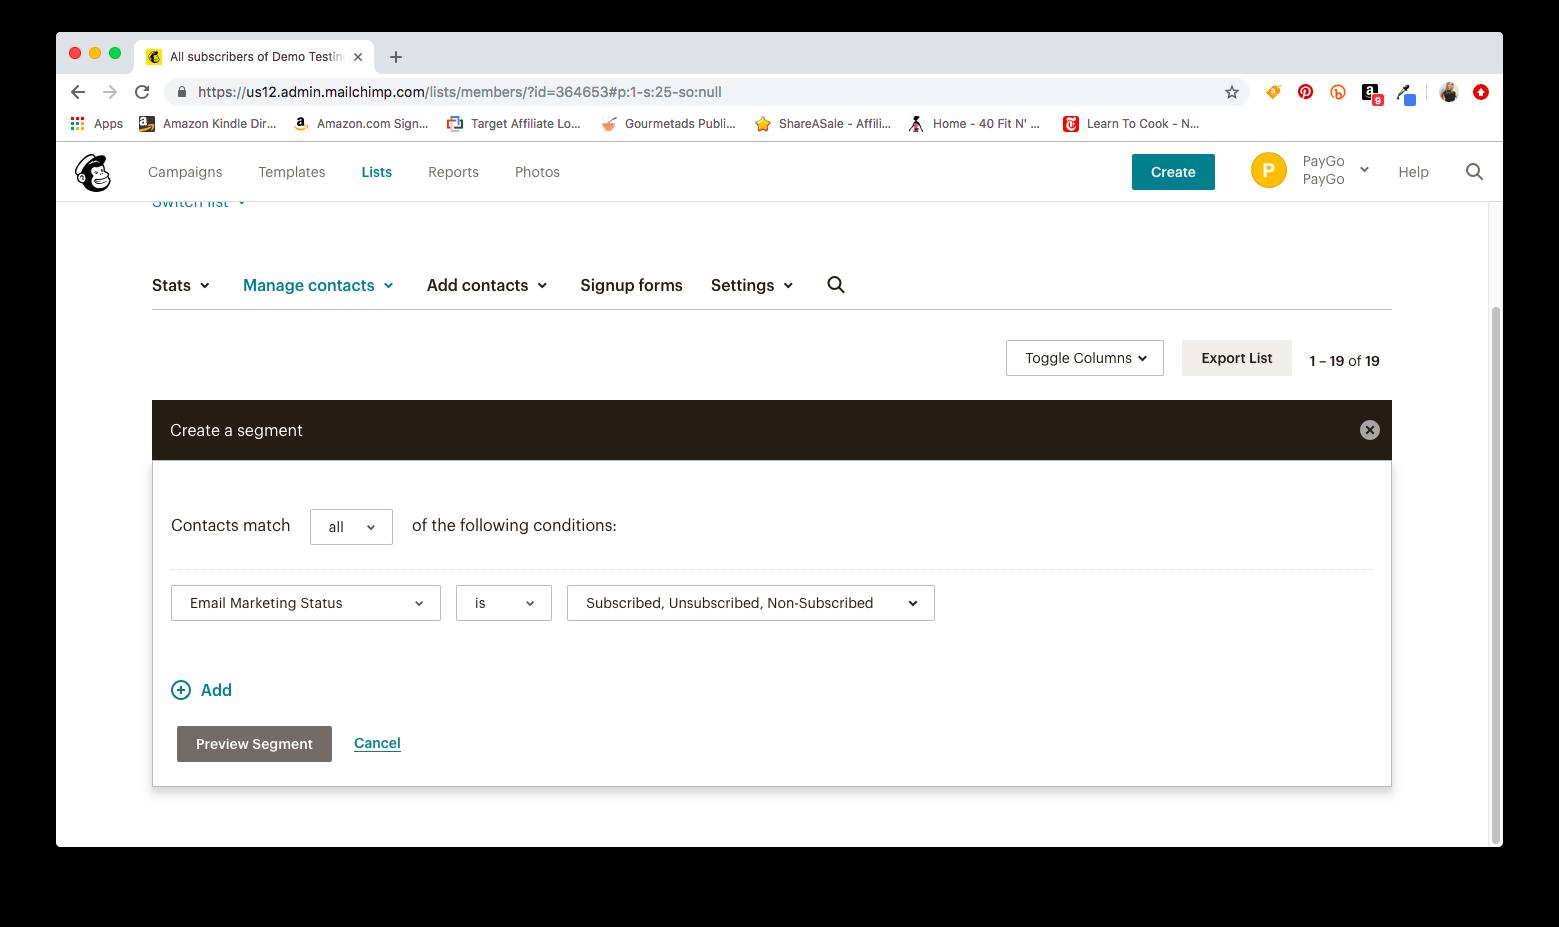 Mailchimp Create a Segment Screen